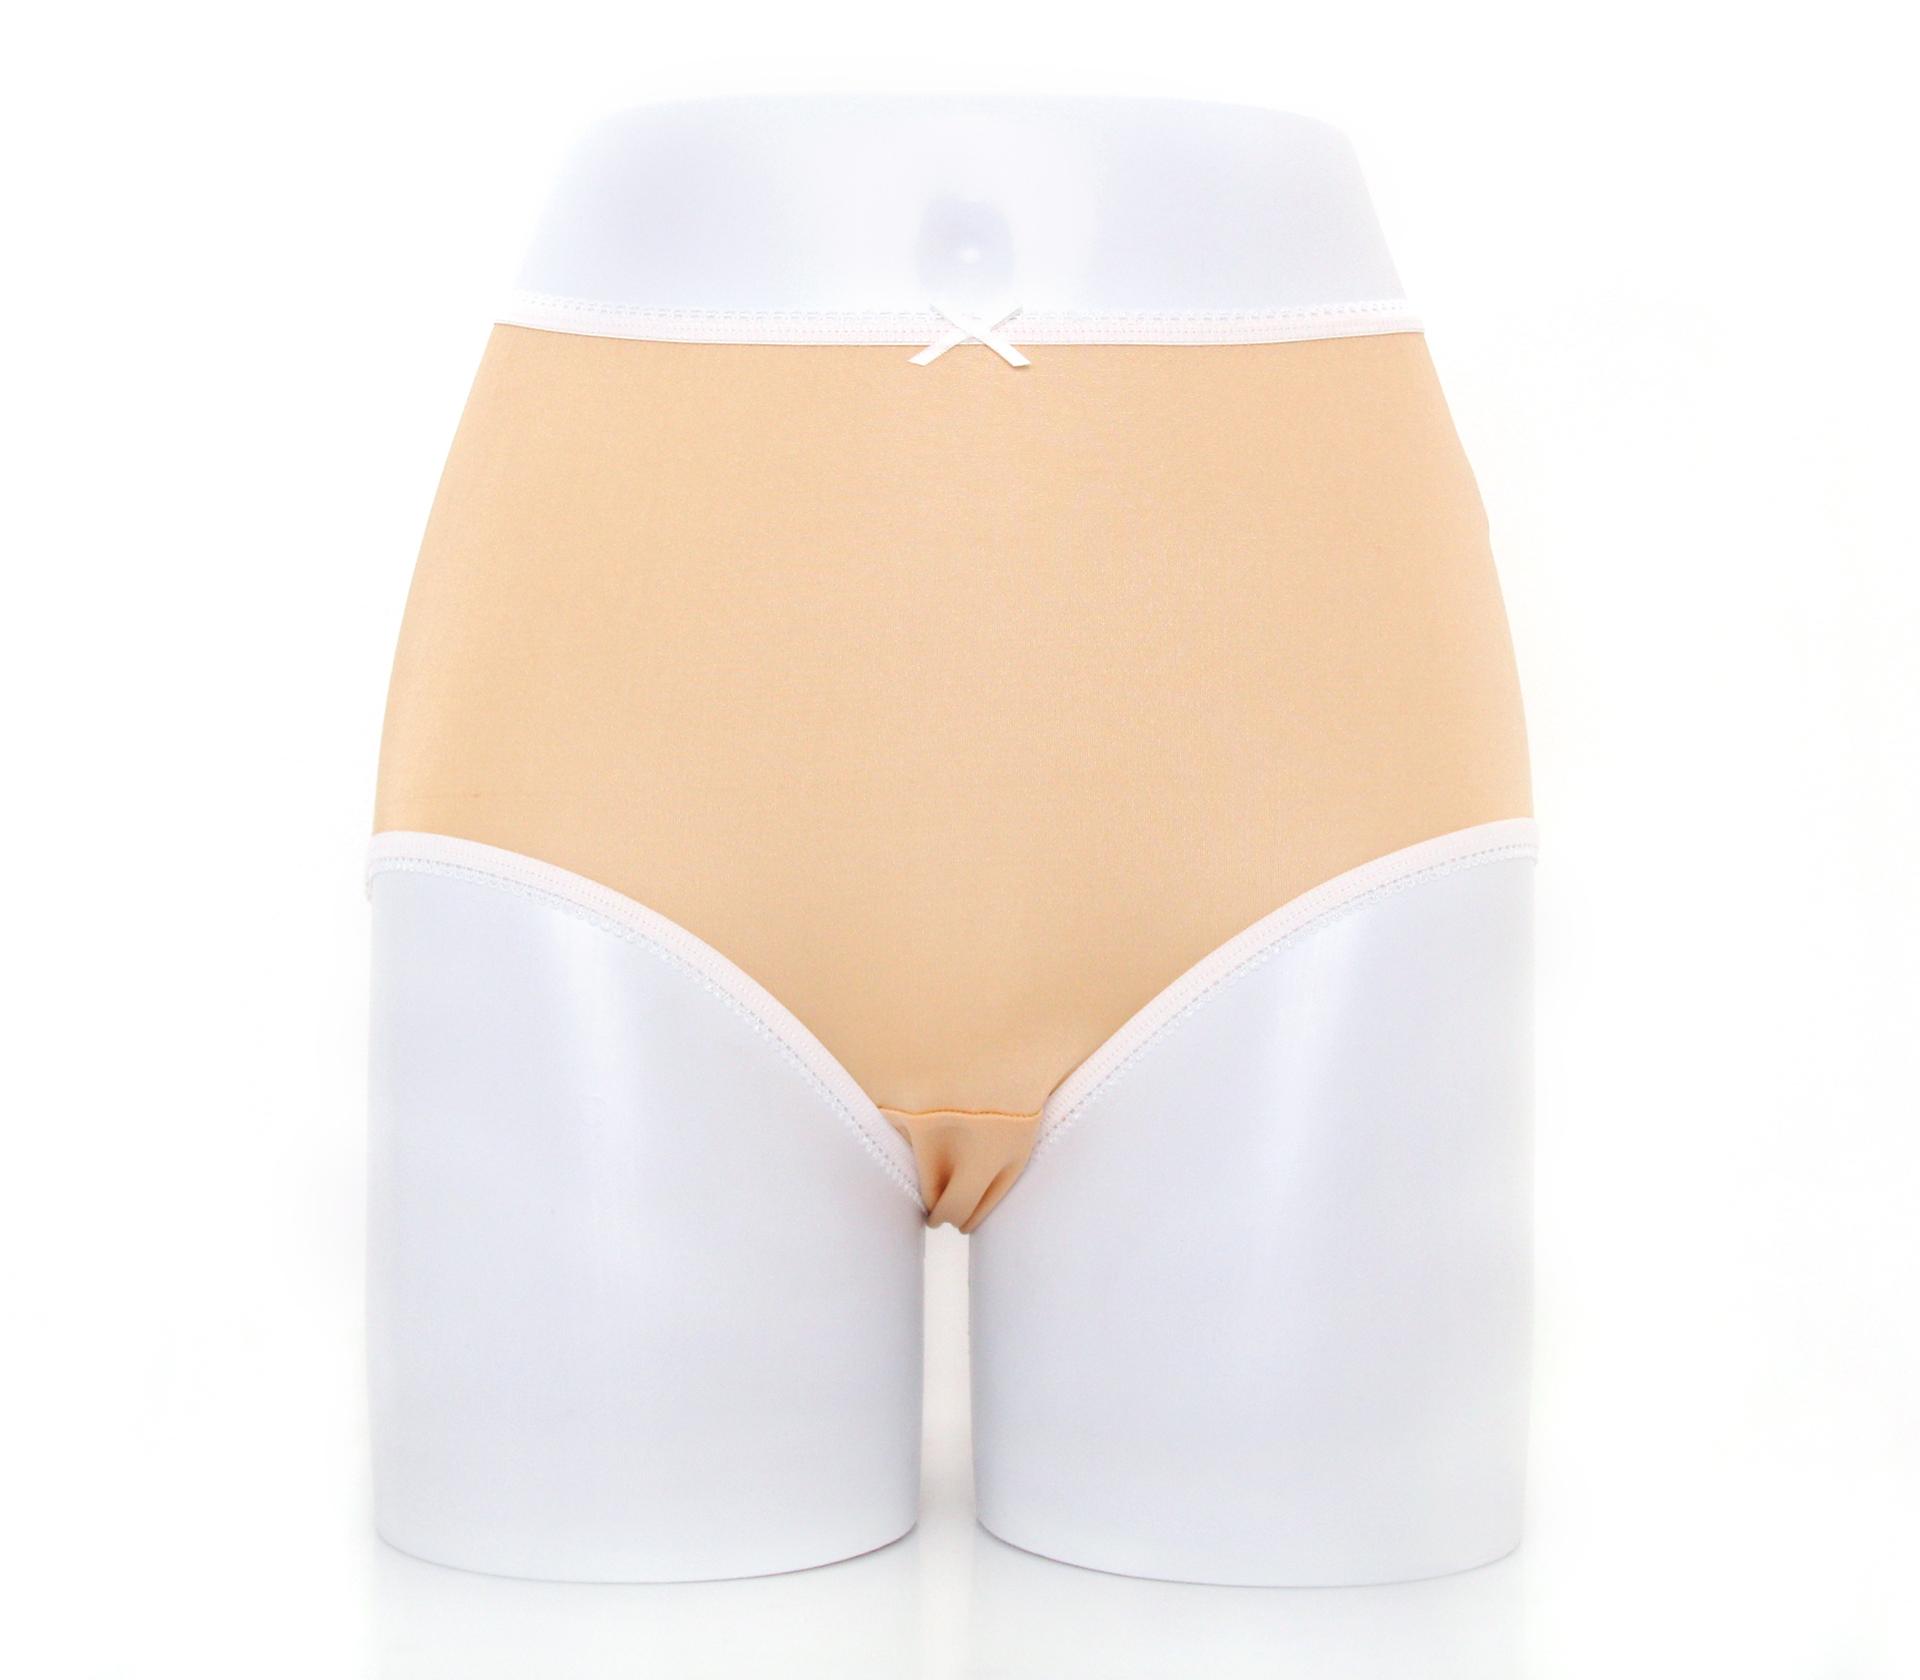 闕蘭絹粉嫩舒適透氣100%蠶絲內褲-88903(膚)